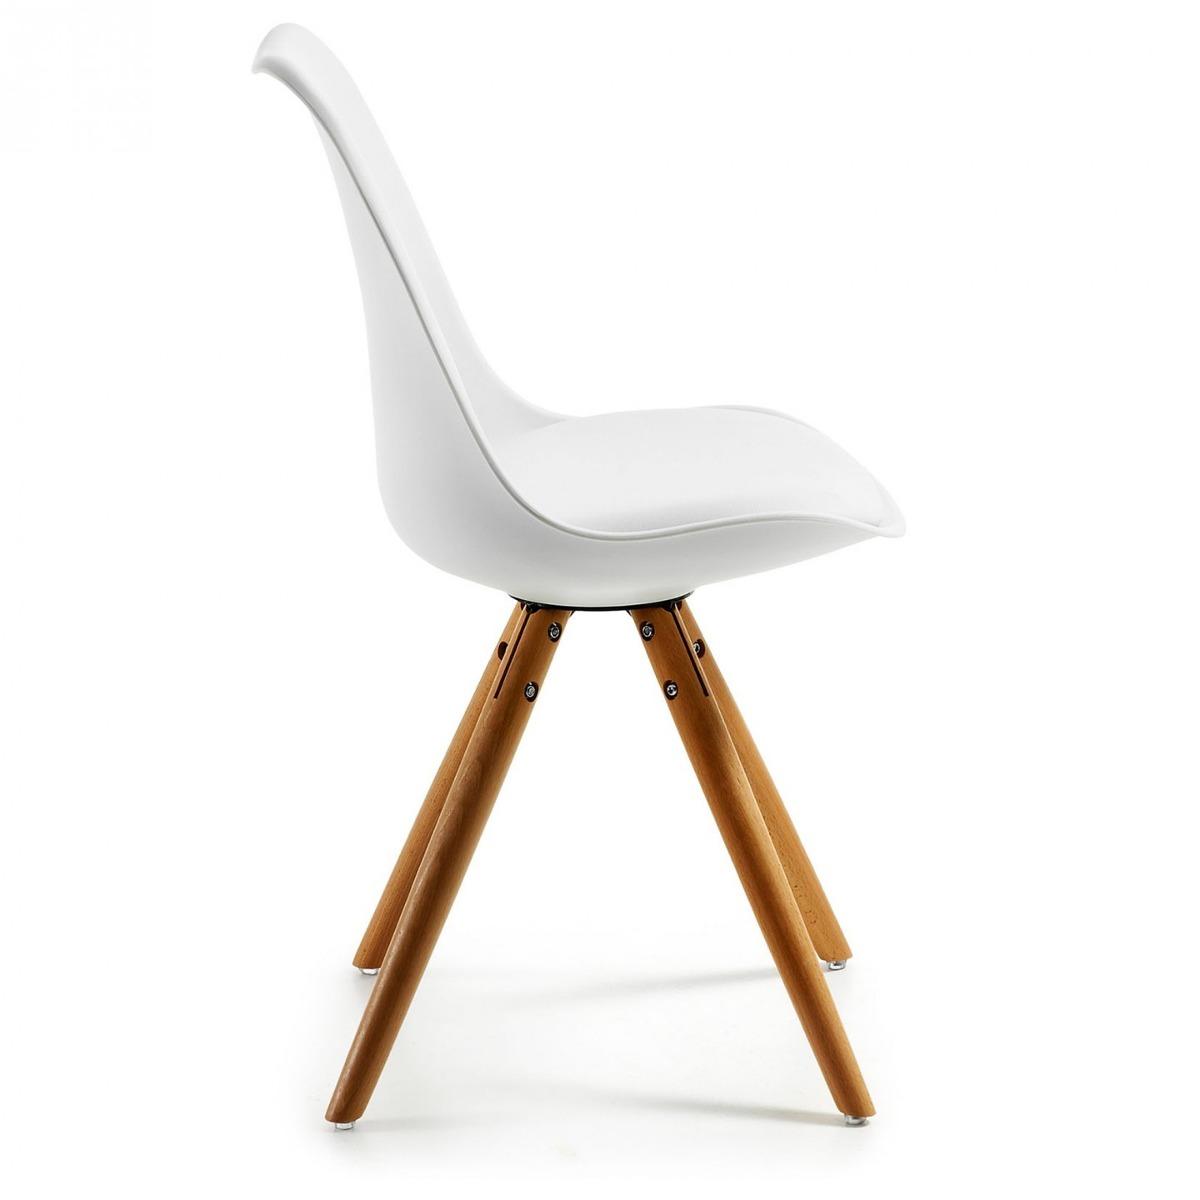 Modelos de sillas de comedor modernas sillas cuero estilo - Modelos de sillas de comedor modernas ...